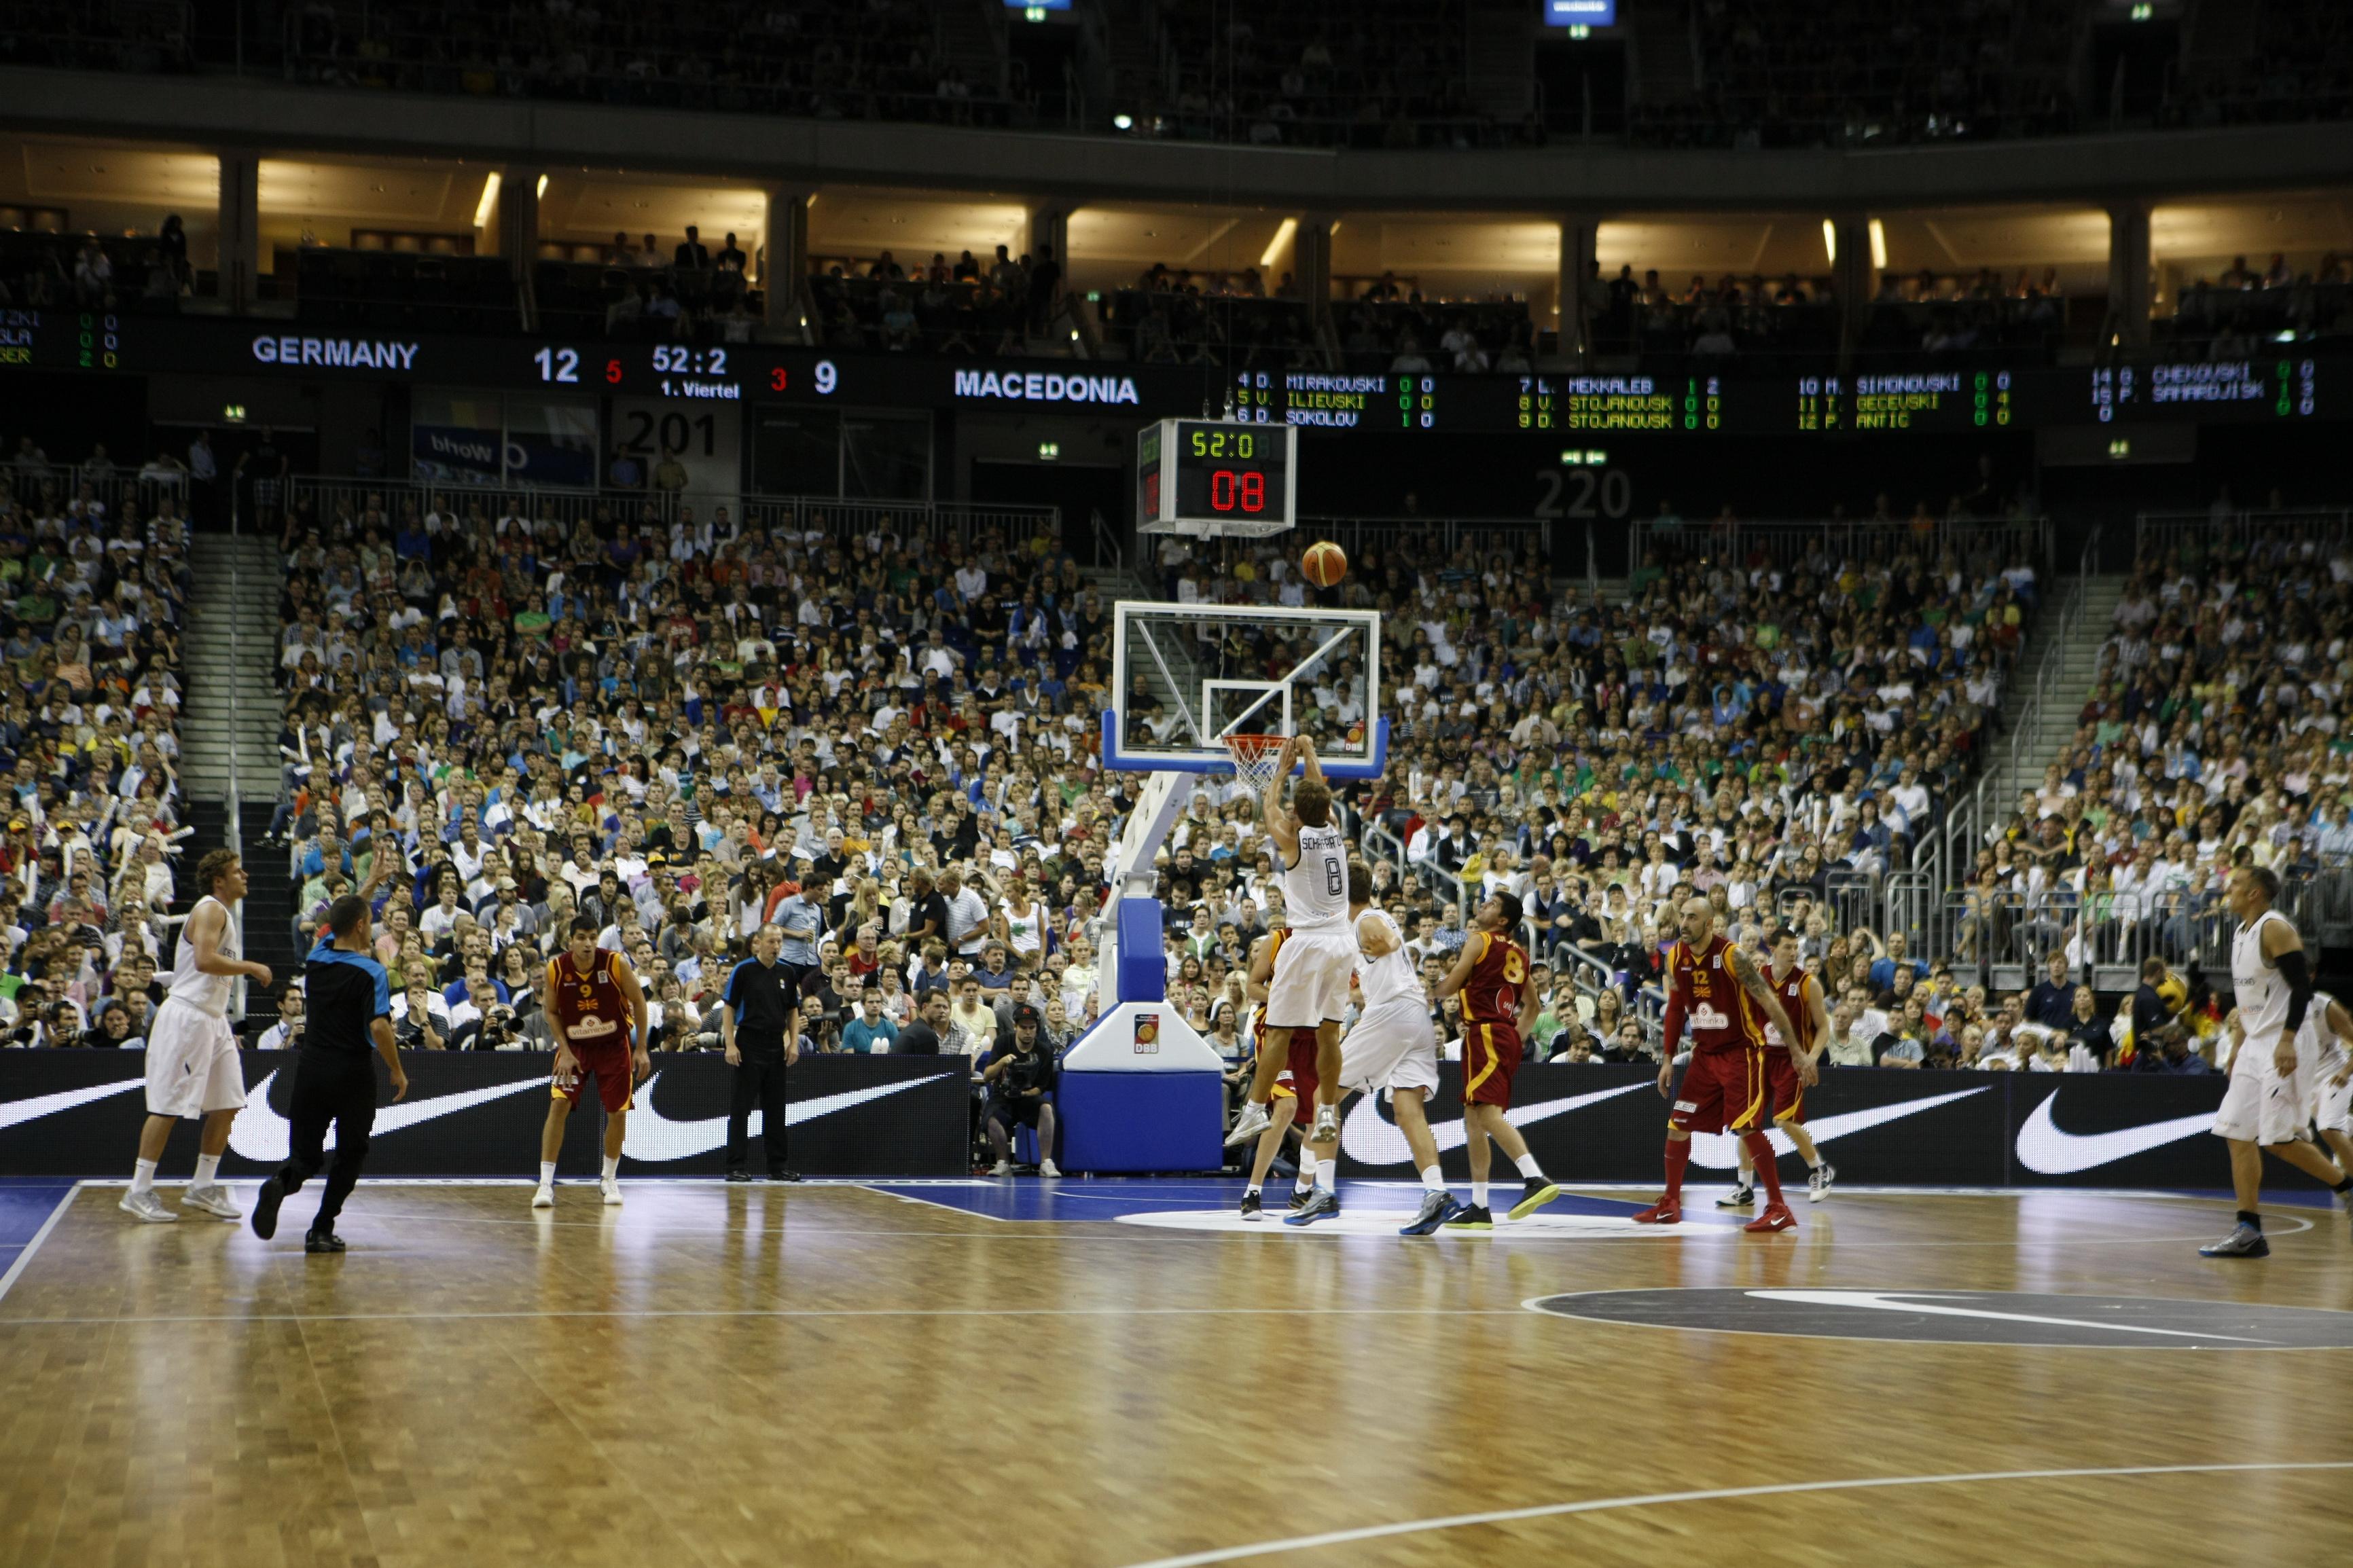 eurobasket 2019 tickets berlin